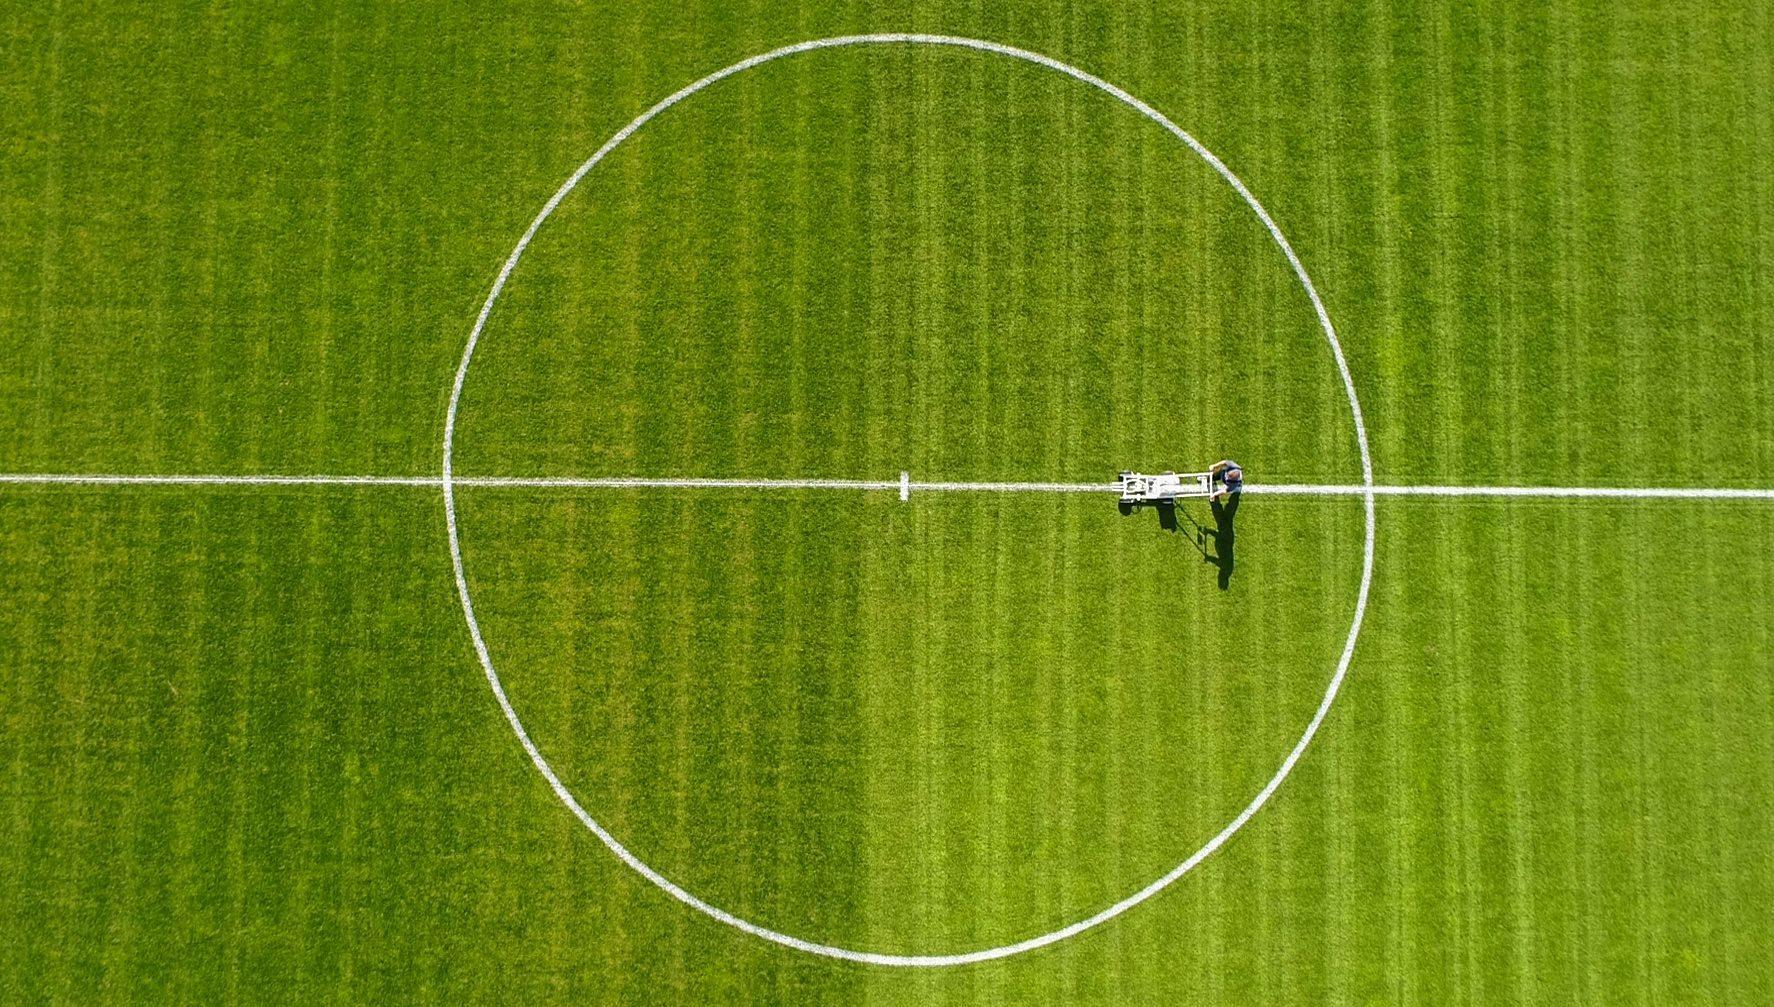 SV Babelsberg 03 - Der heilige Rasen